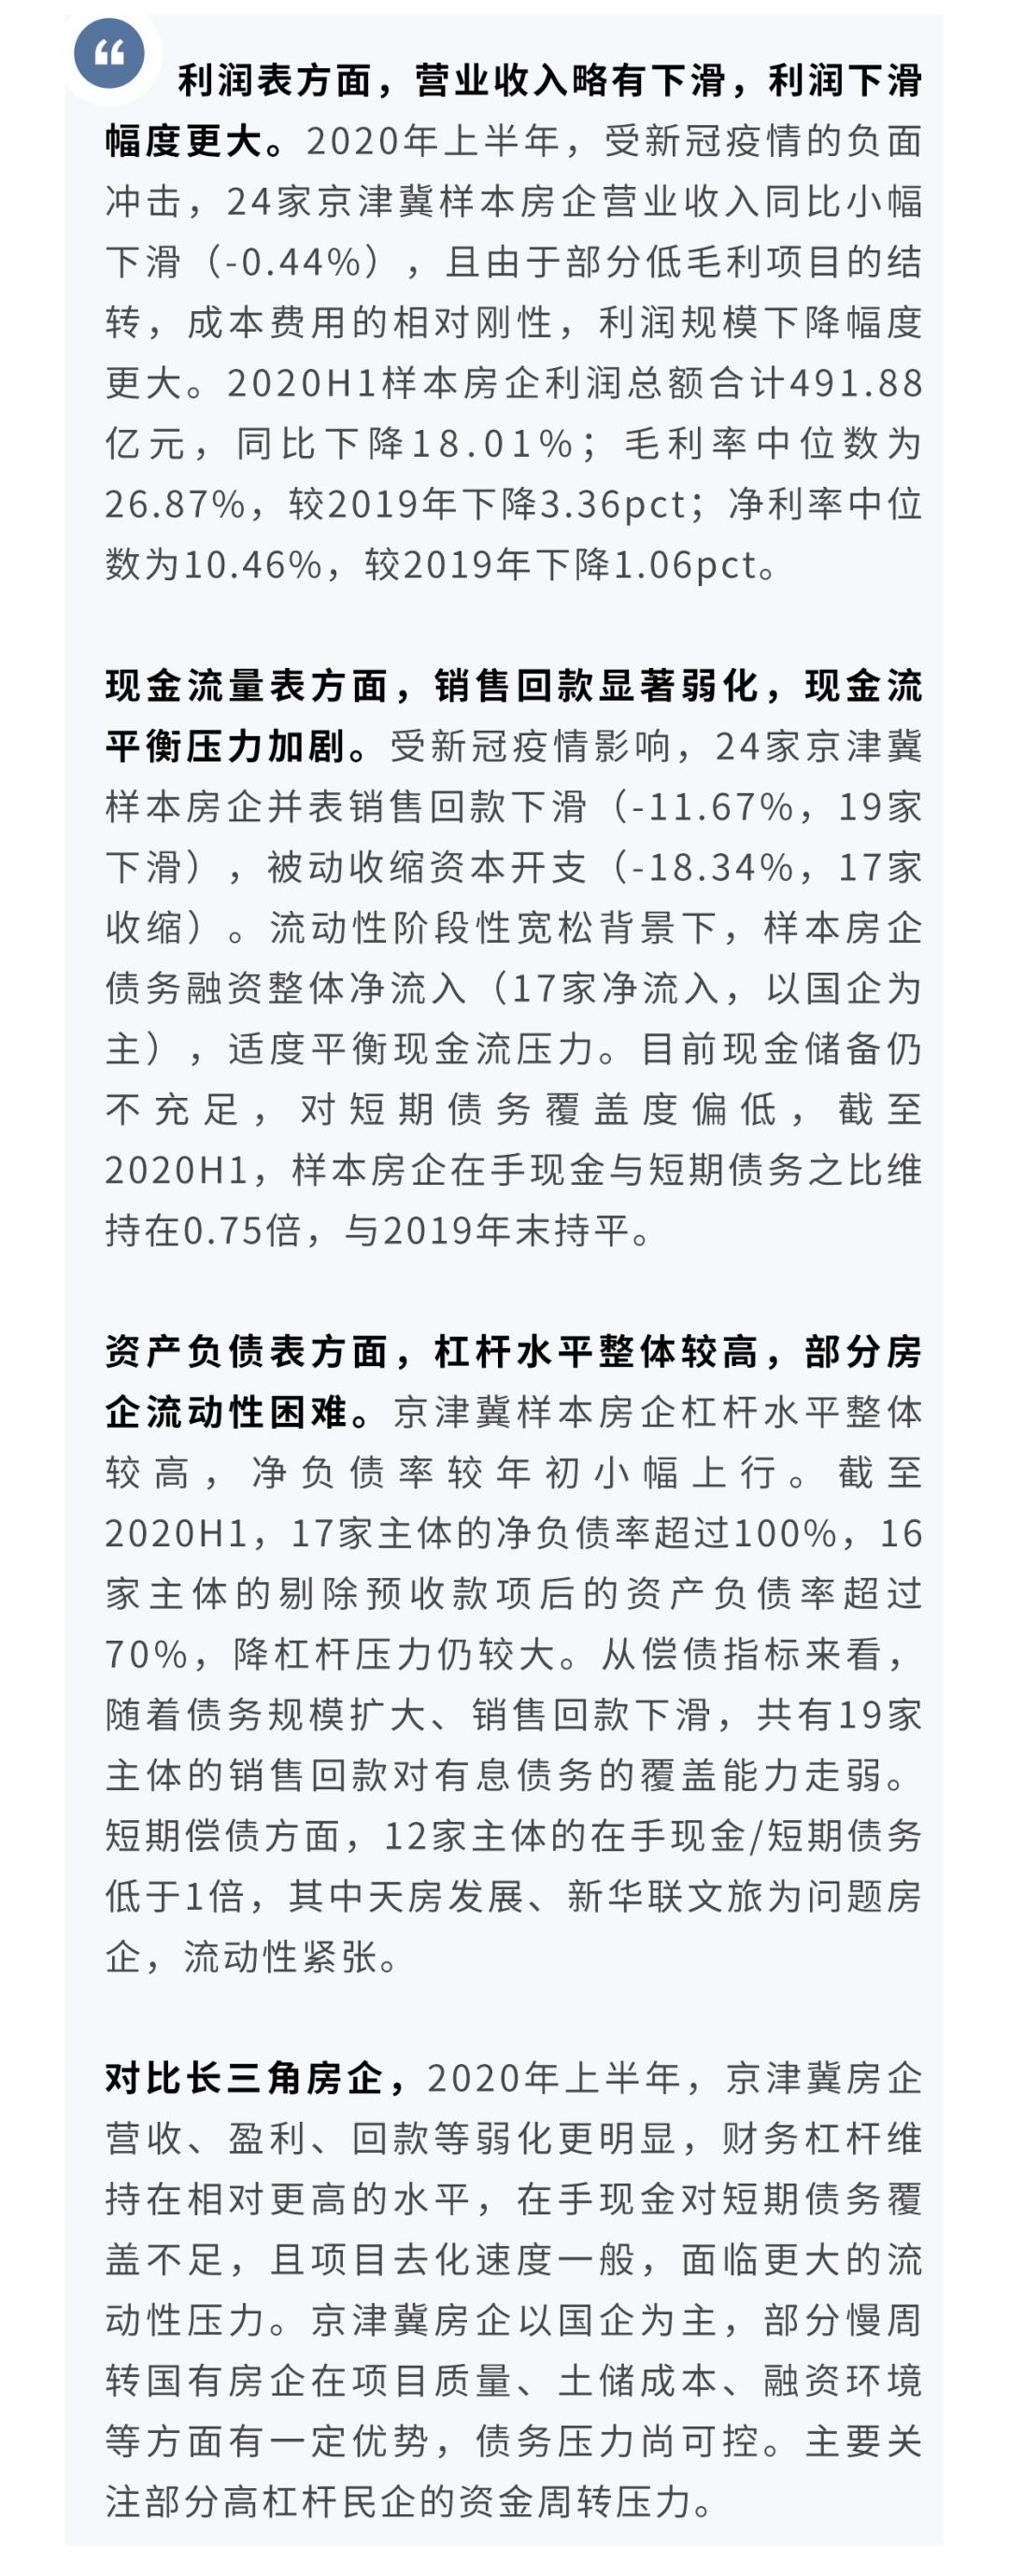 【信用】发债房企2020年半年报综述—京津冀篇